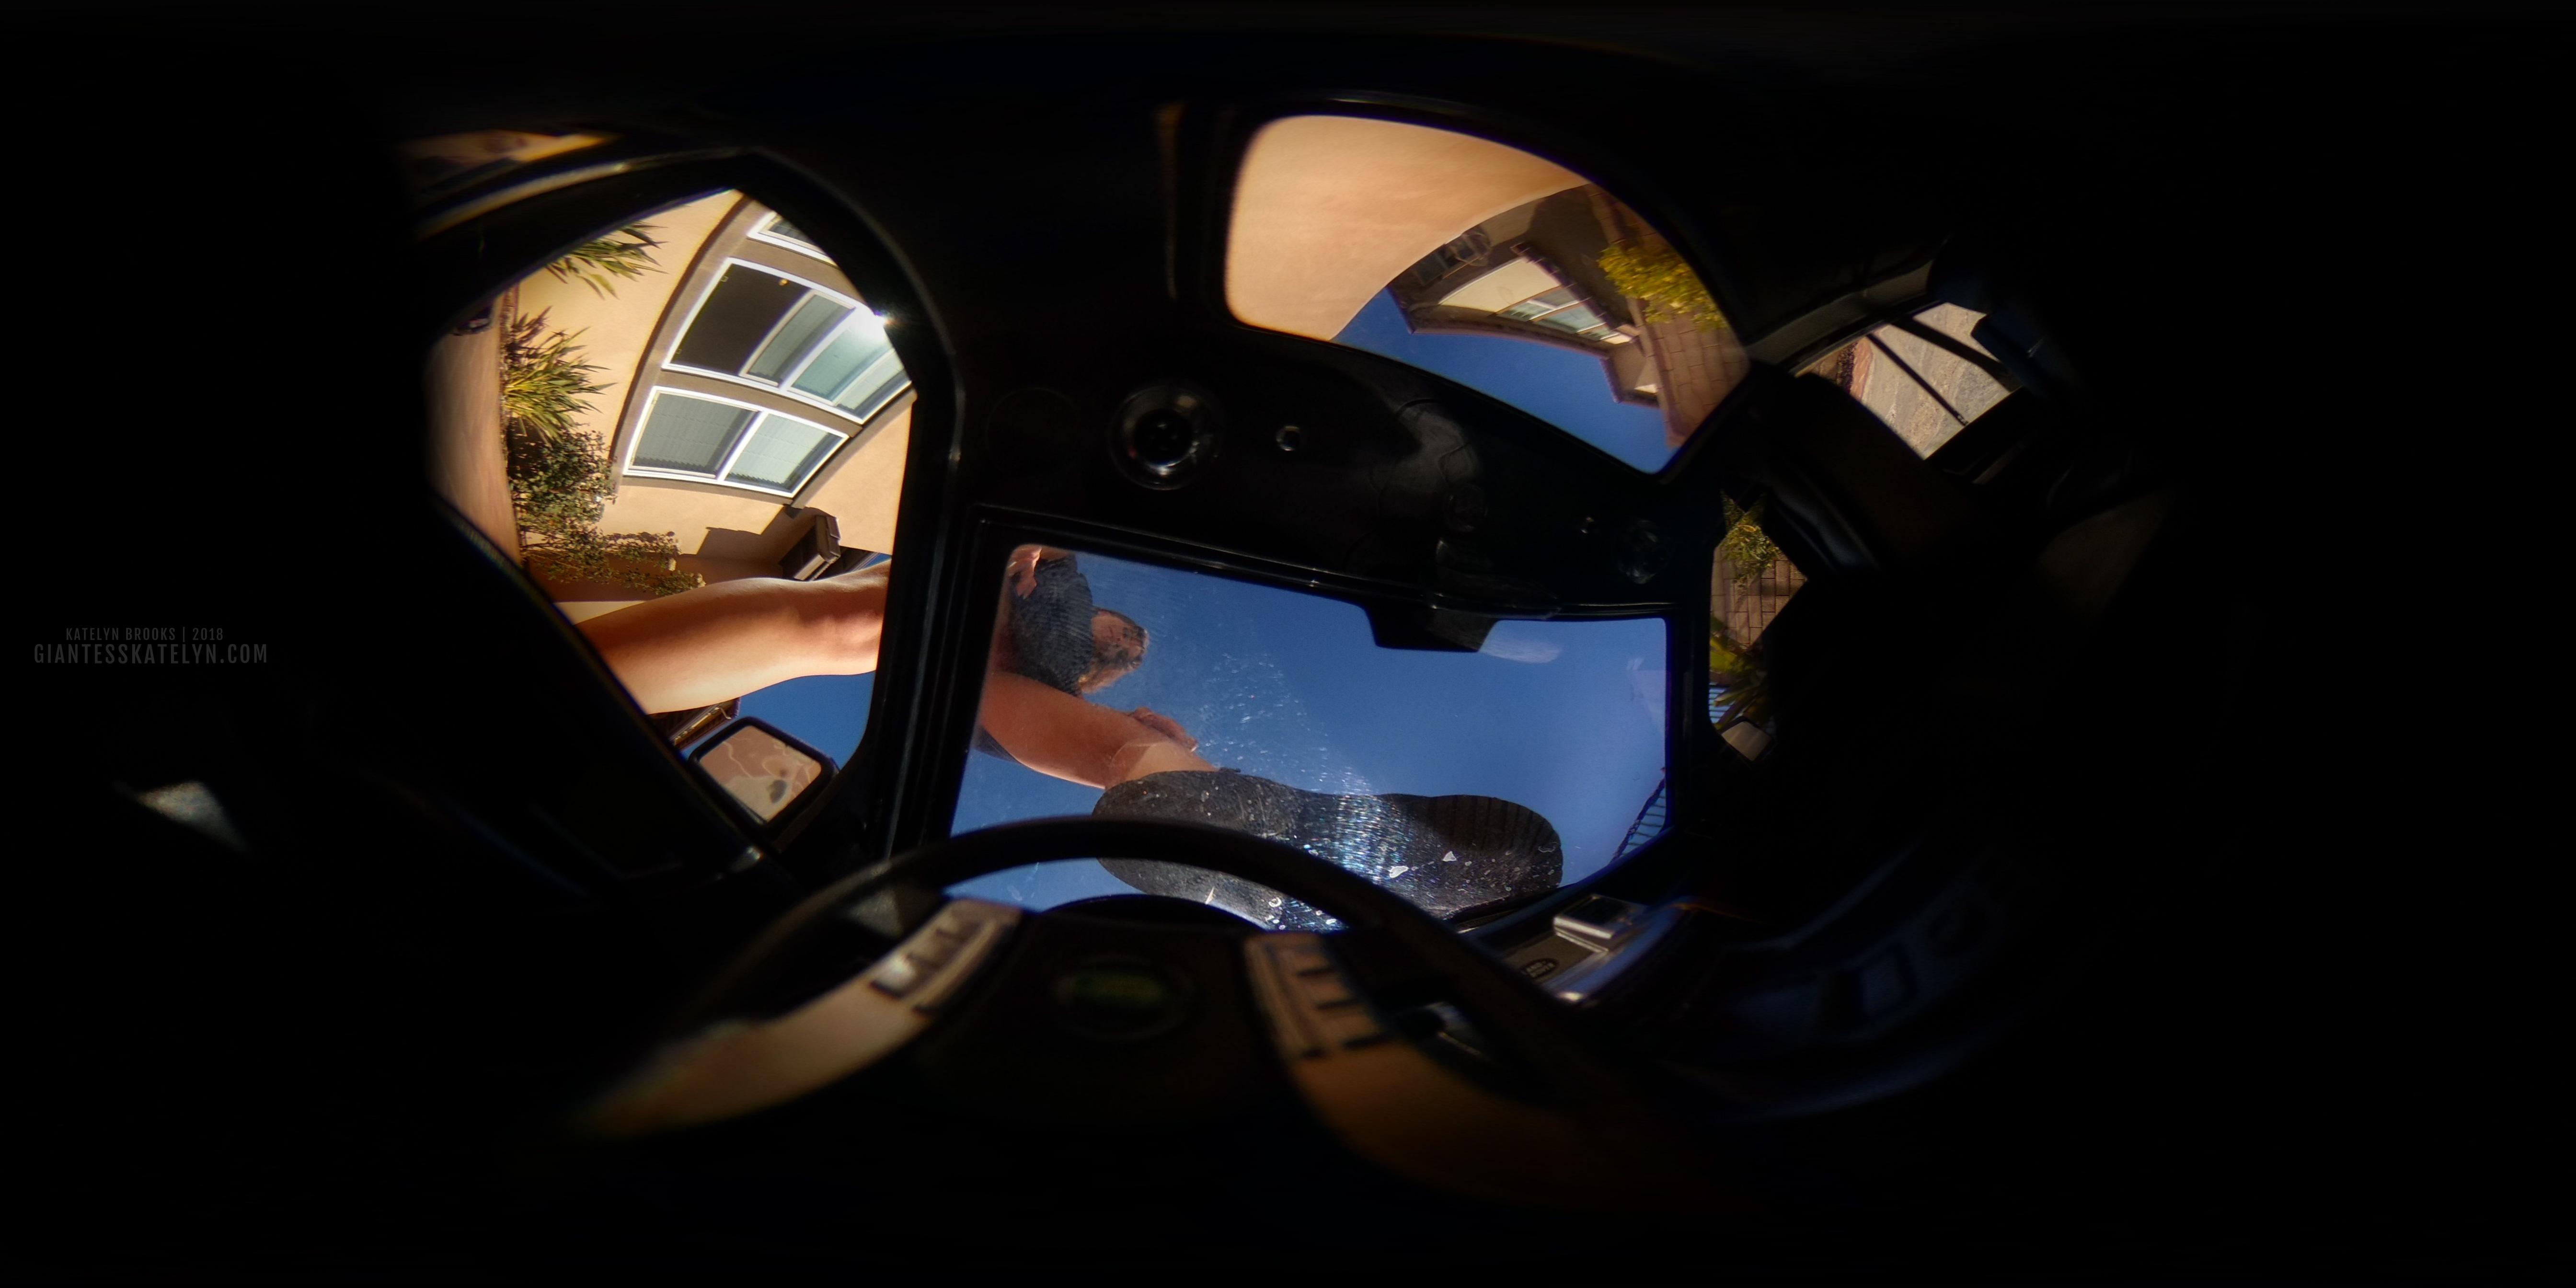 360-4k-vr-shrunken-man-pov-inside-car-04